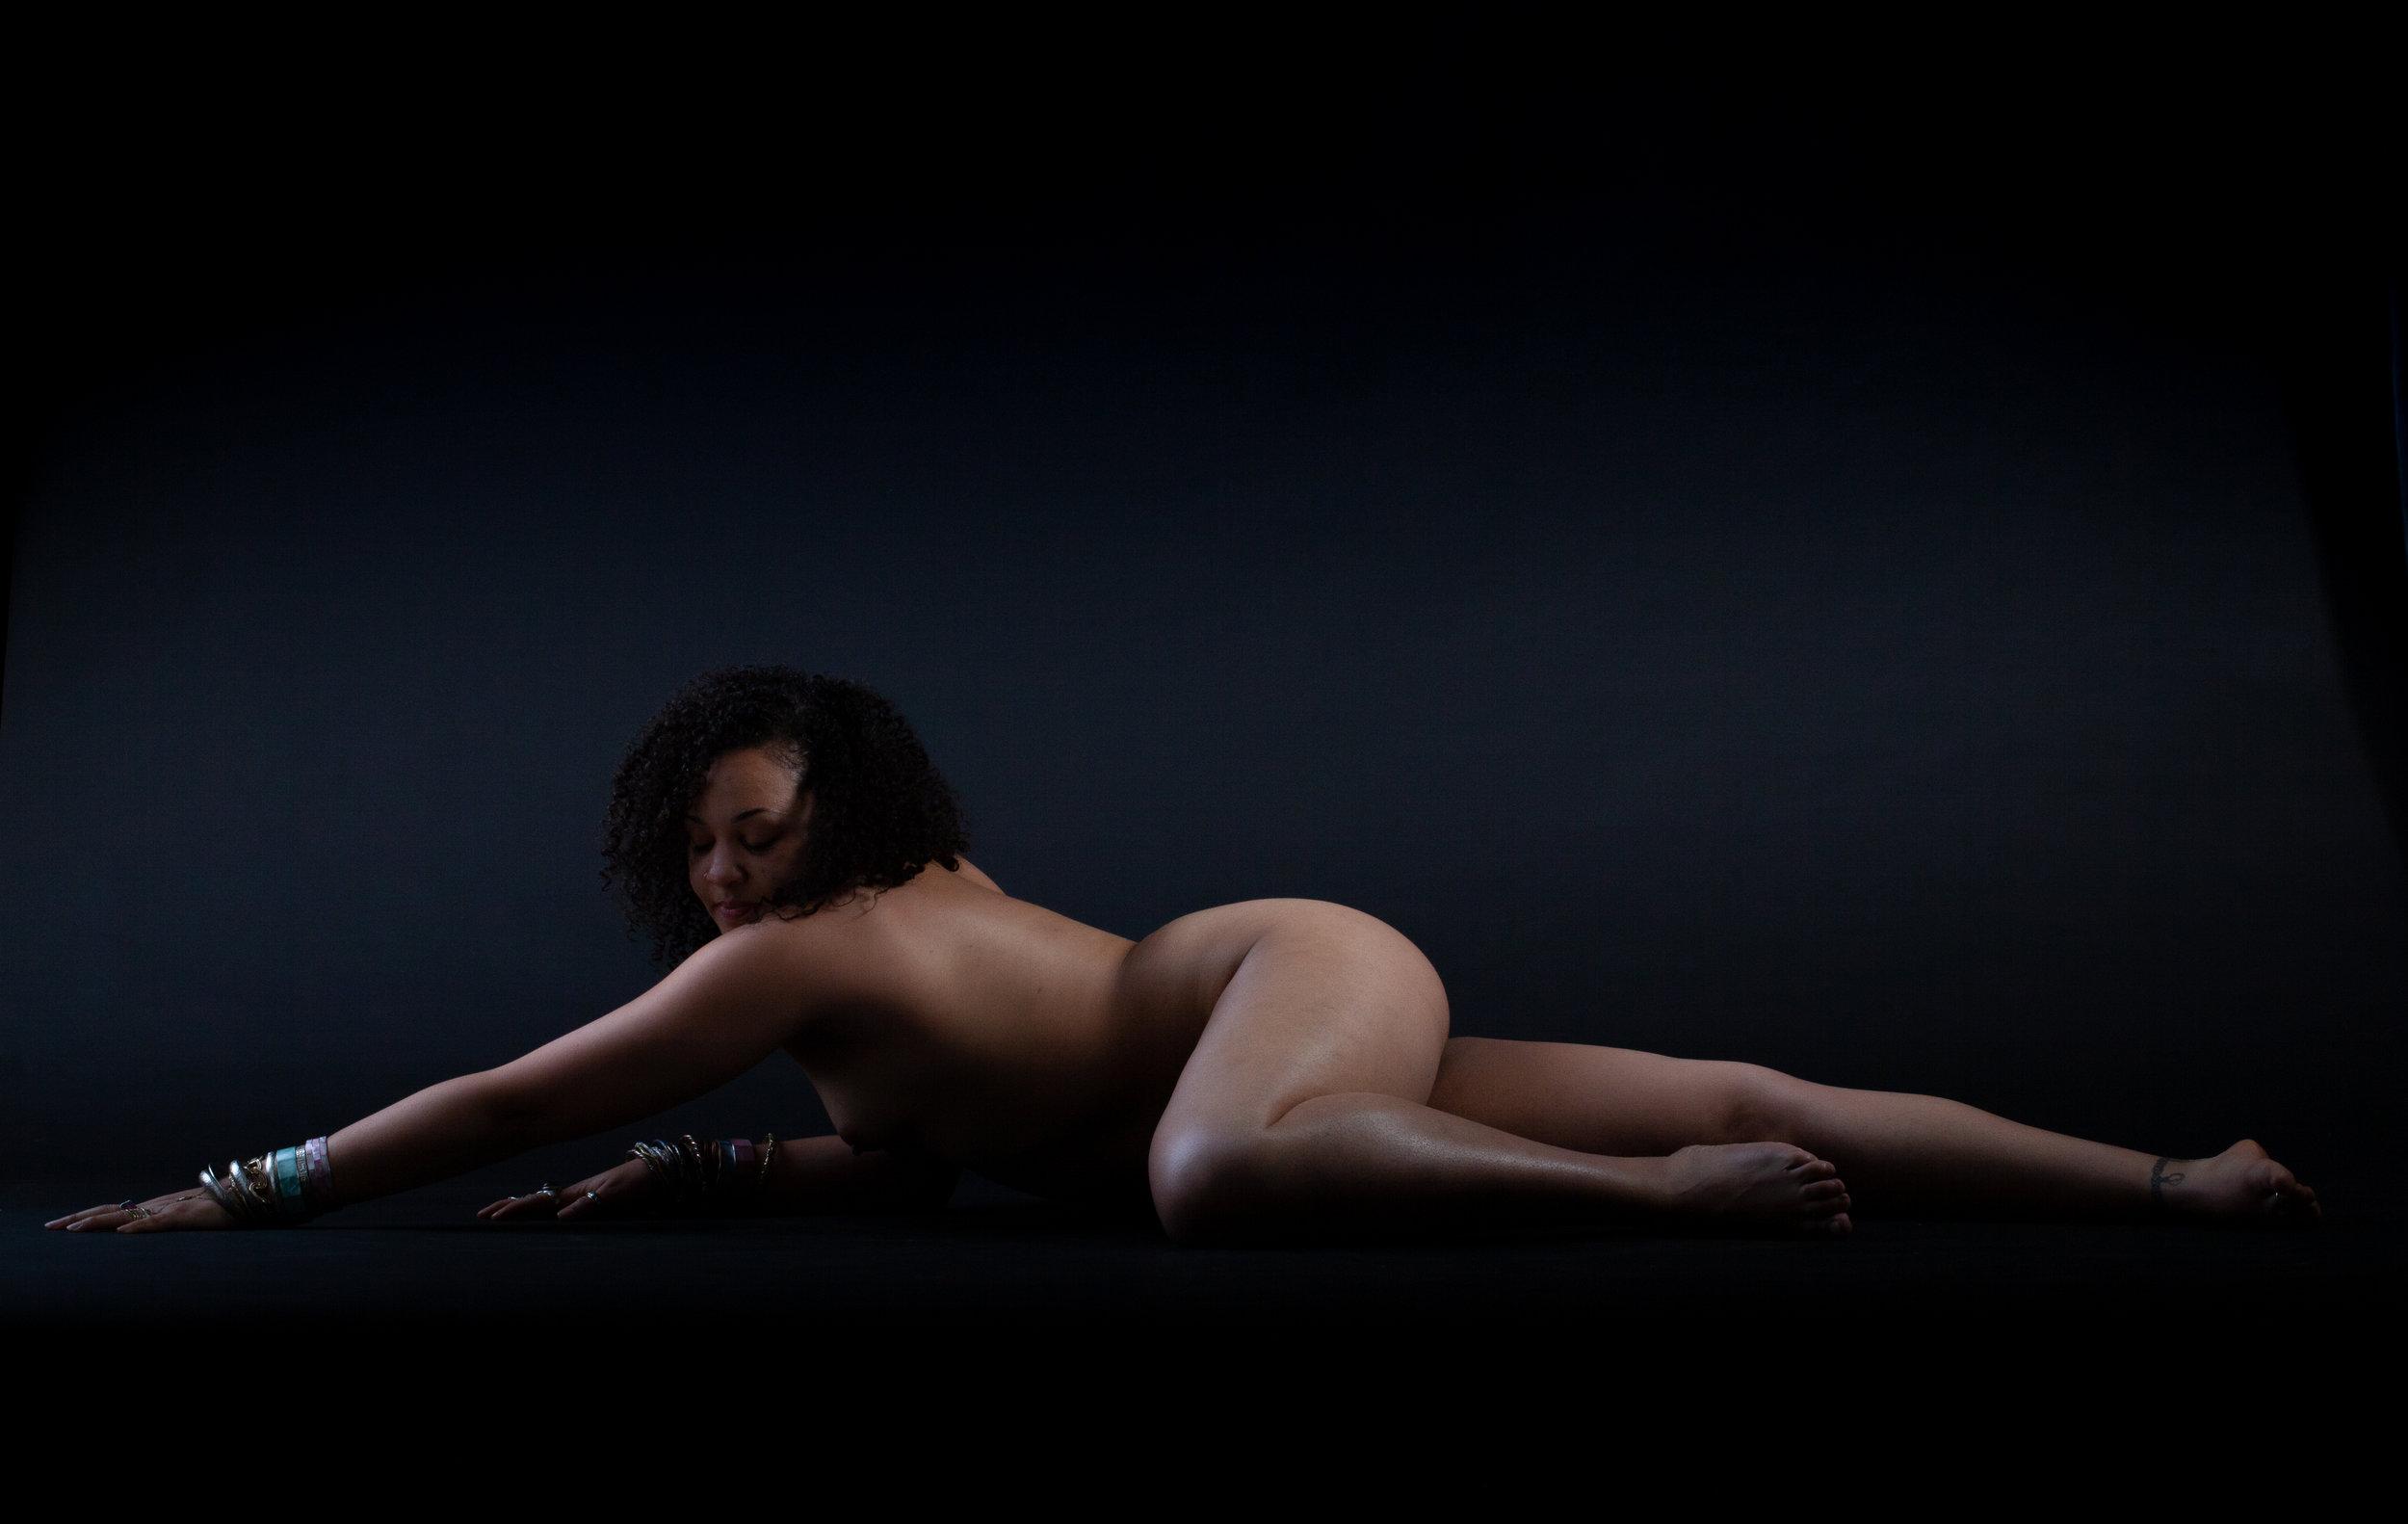 DEB-ART-20190427-IMG_2349-Danielle on the floor looking at her shoulder.jpg